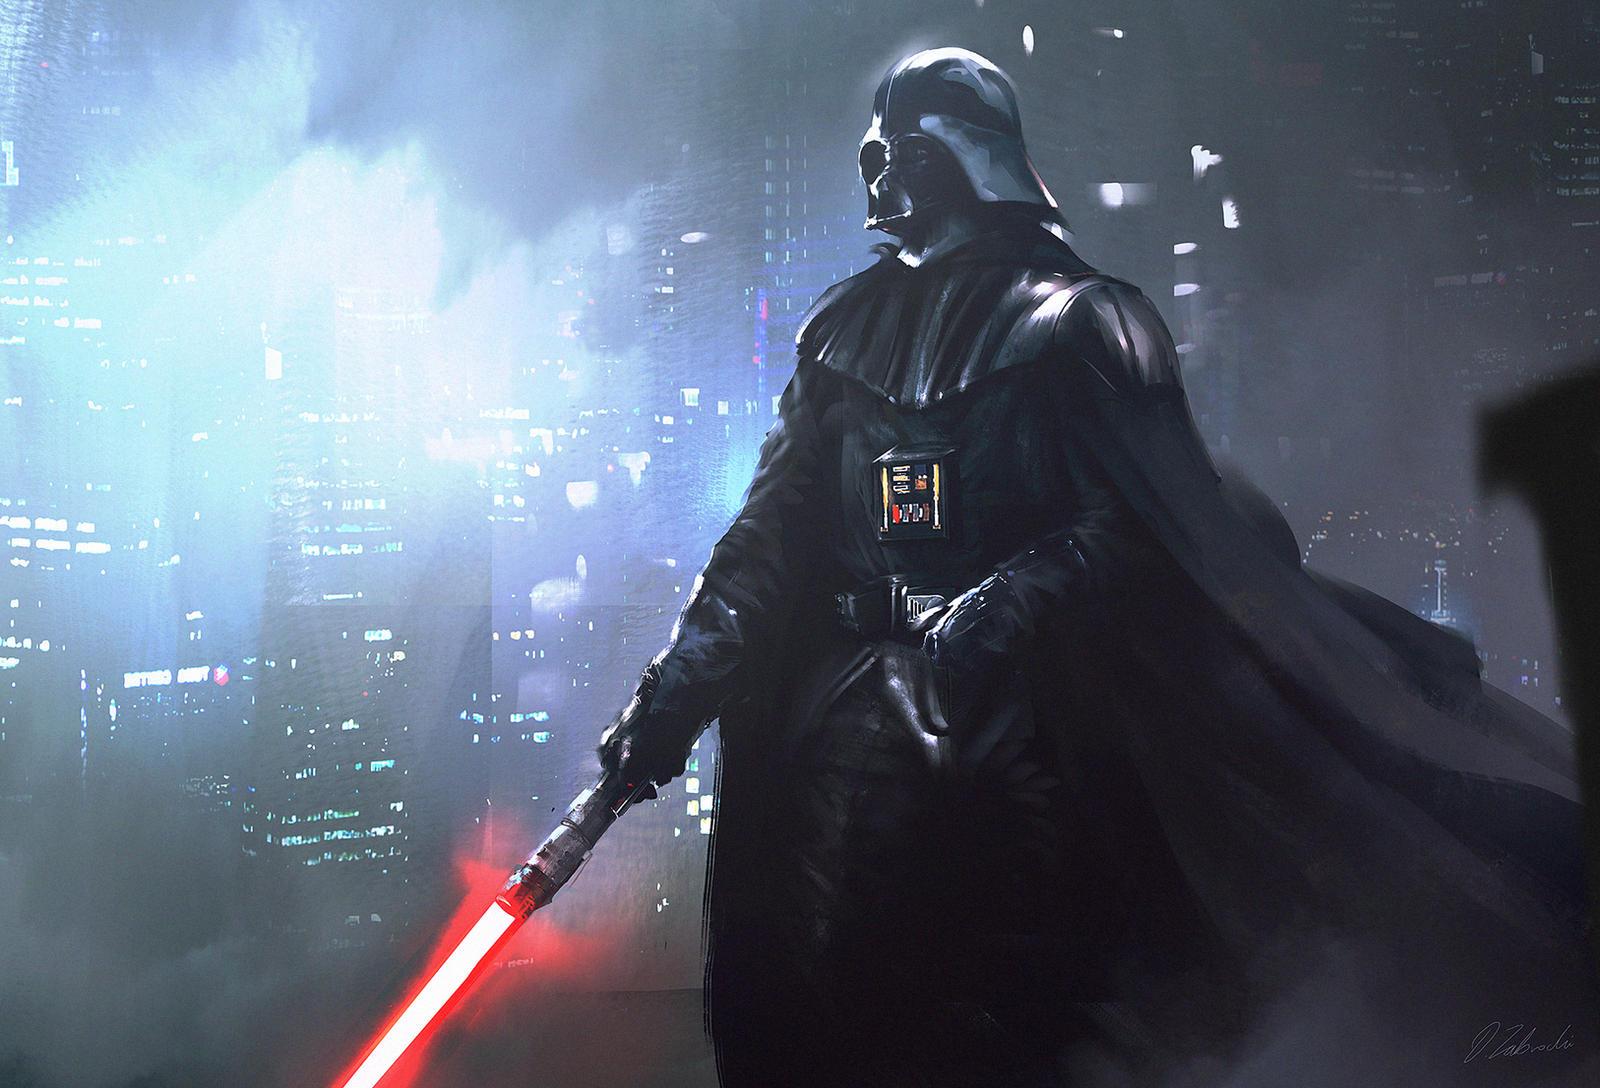 Darth Vader by daRoz